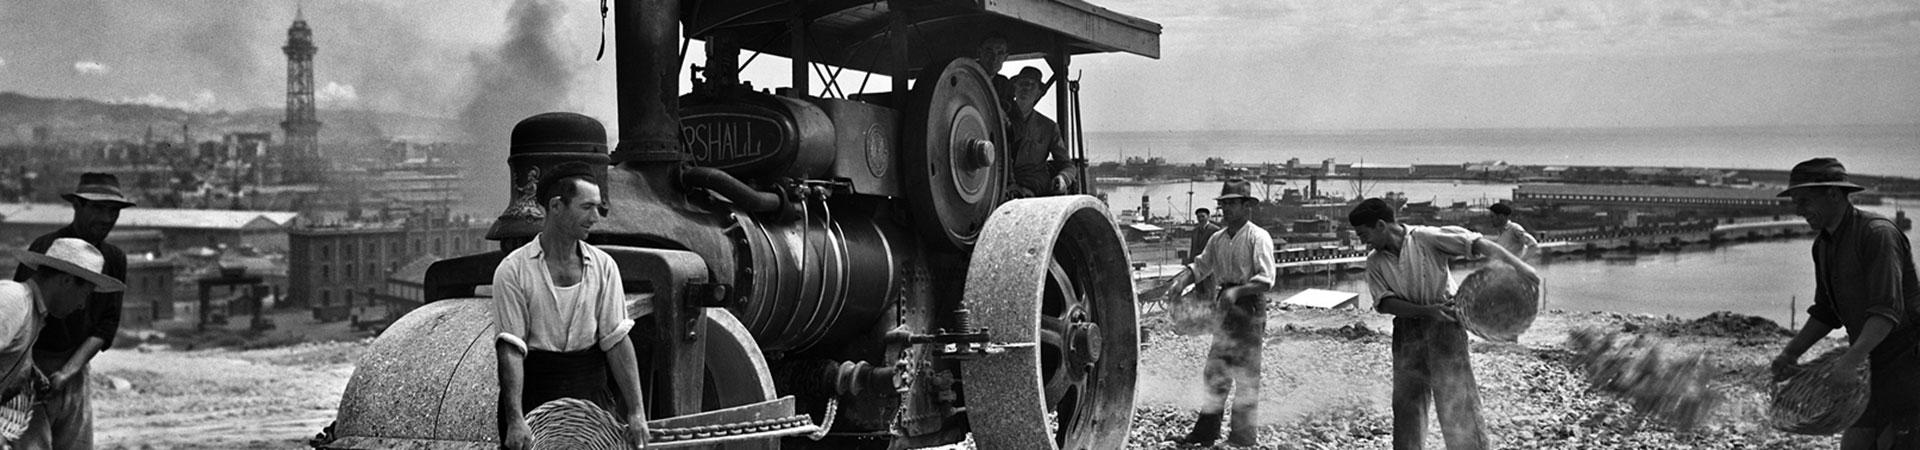 Màquina aplanadora treballant als jardins de Montjuïc. Barcelona, anys 40-50. Col. Plasencia / IEFC